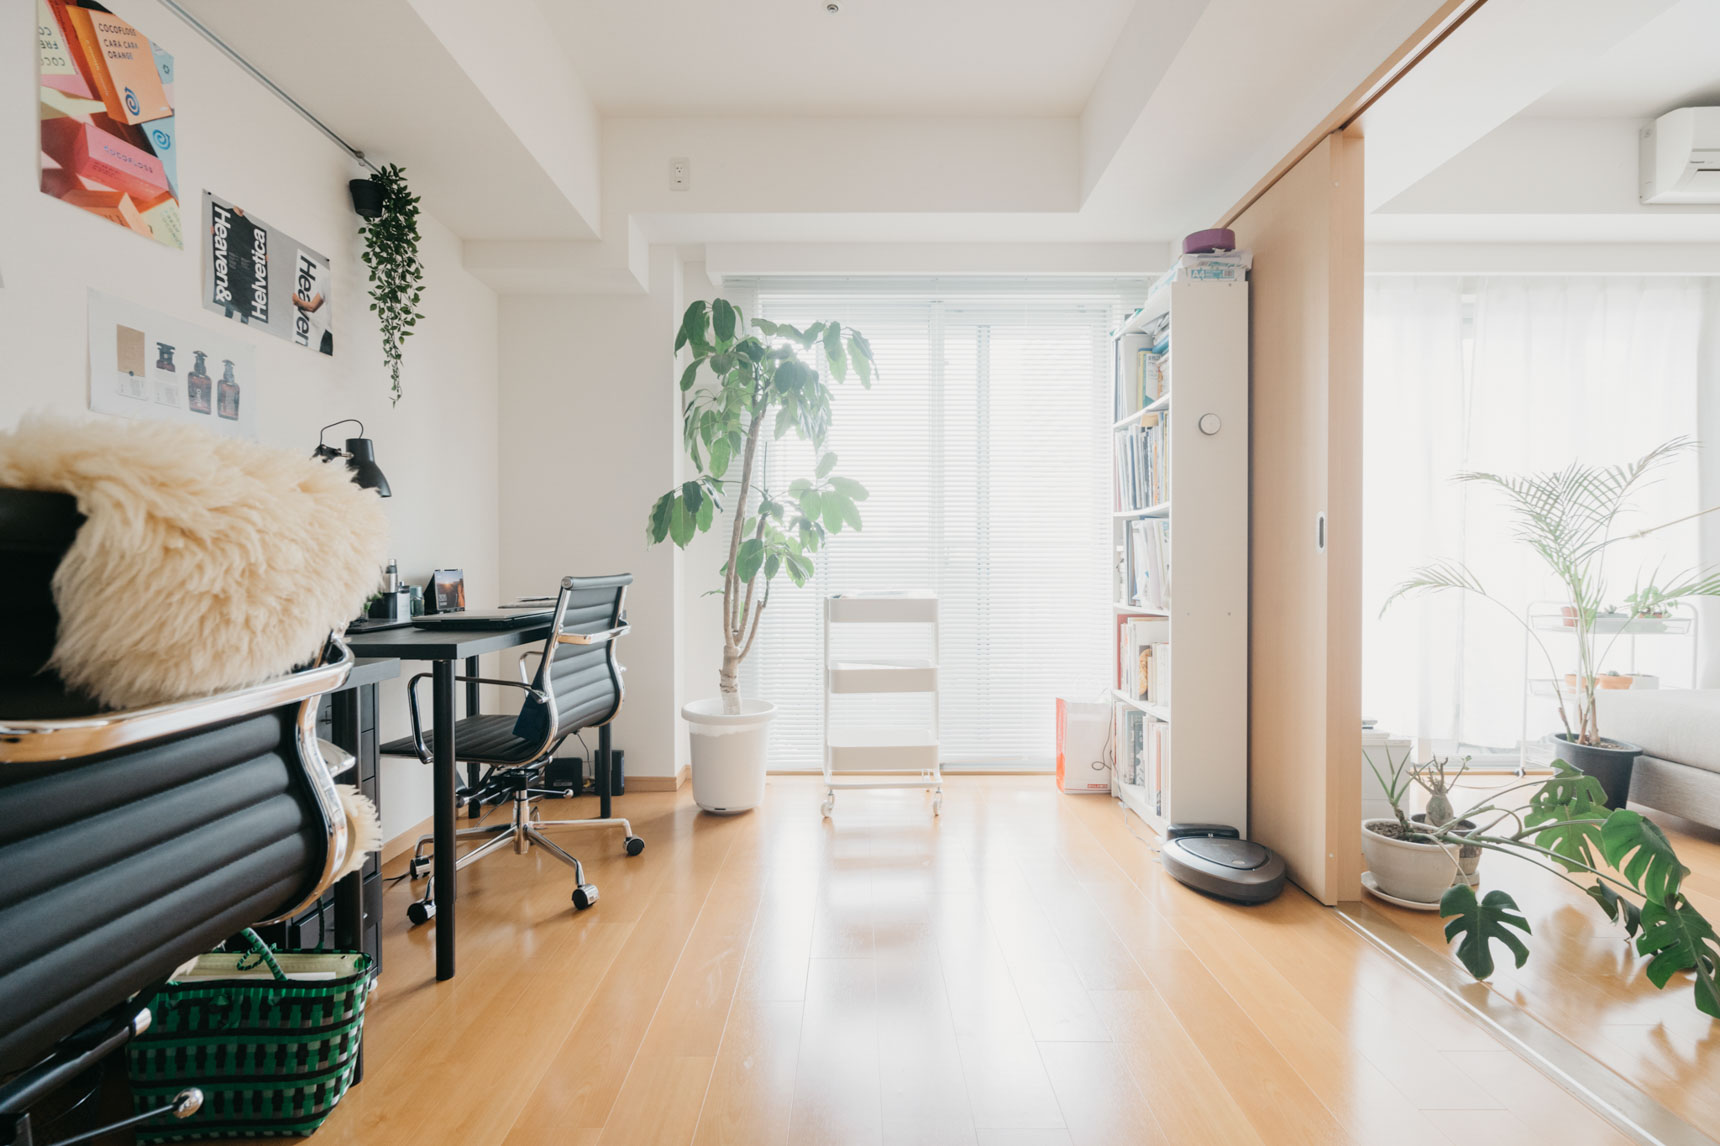 リビング横の1部屋を仕事部屋として使われている二人暮らしのお部屋